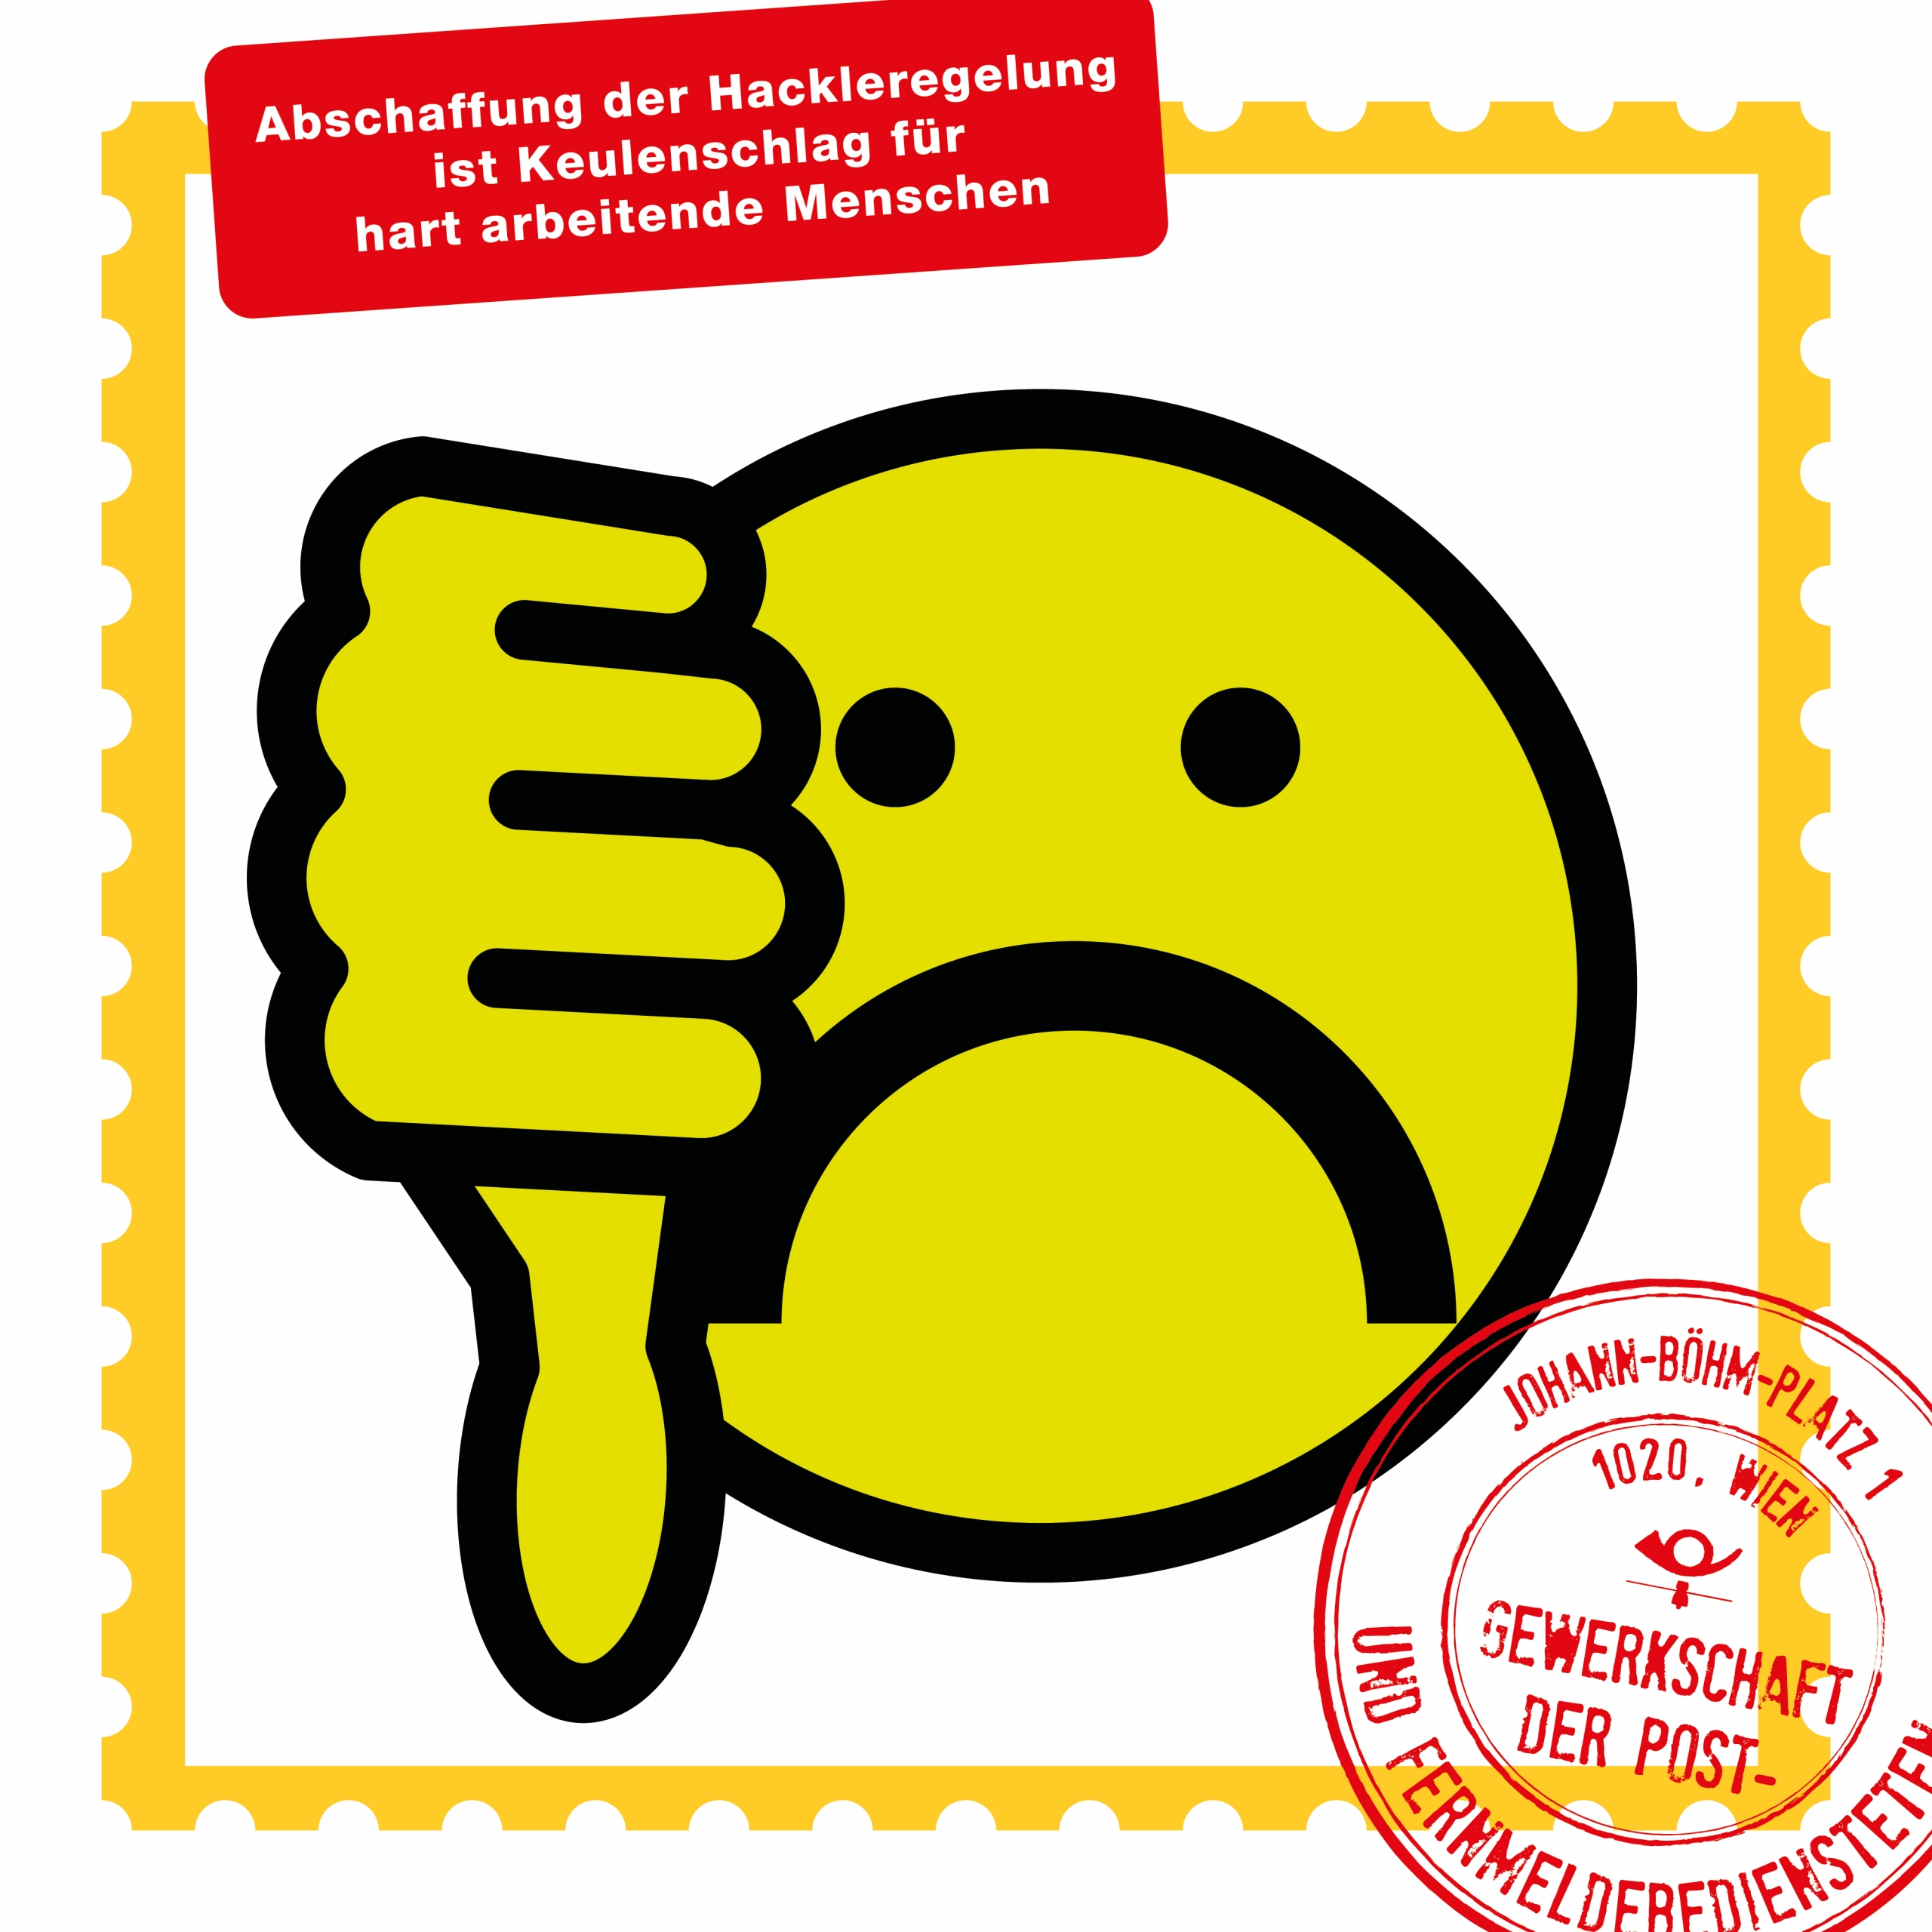 Hacklerregelung_Beitragsbild_converted